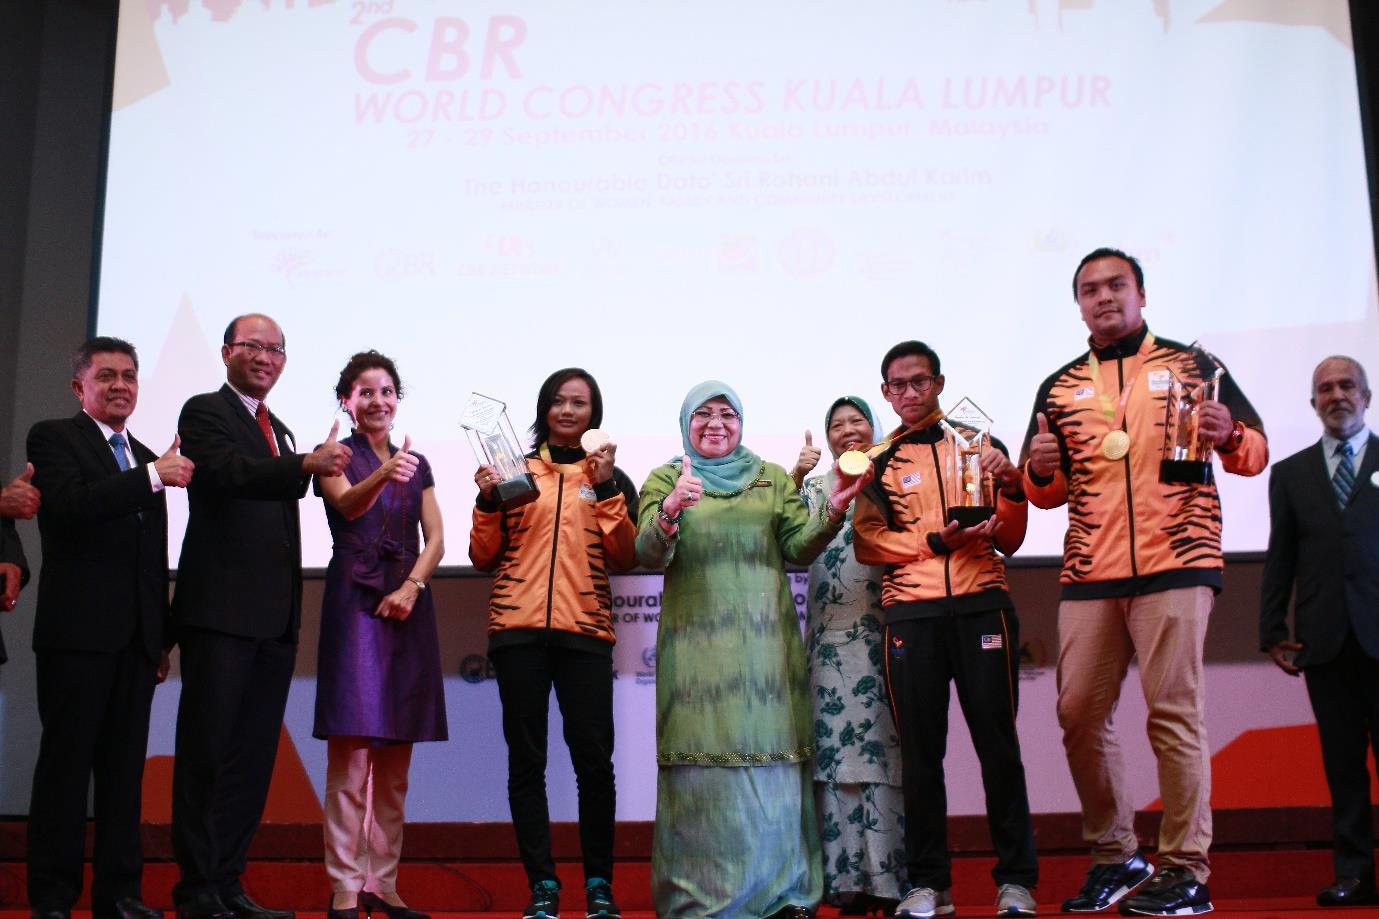 2 nd  CBR World Congress